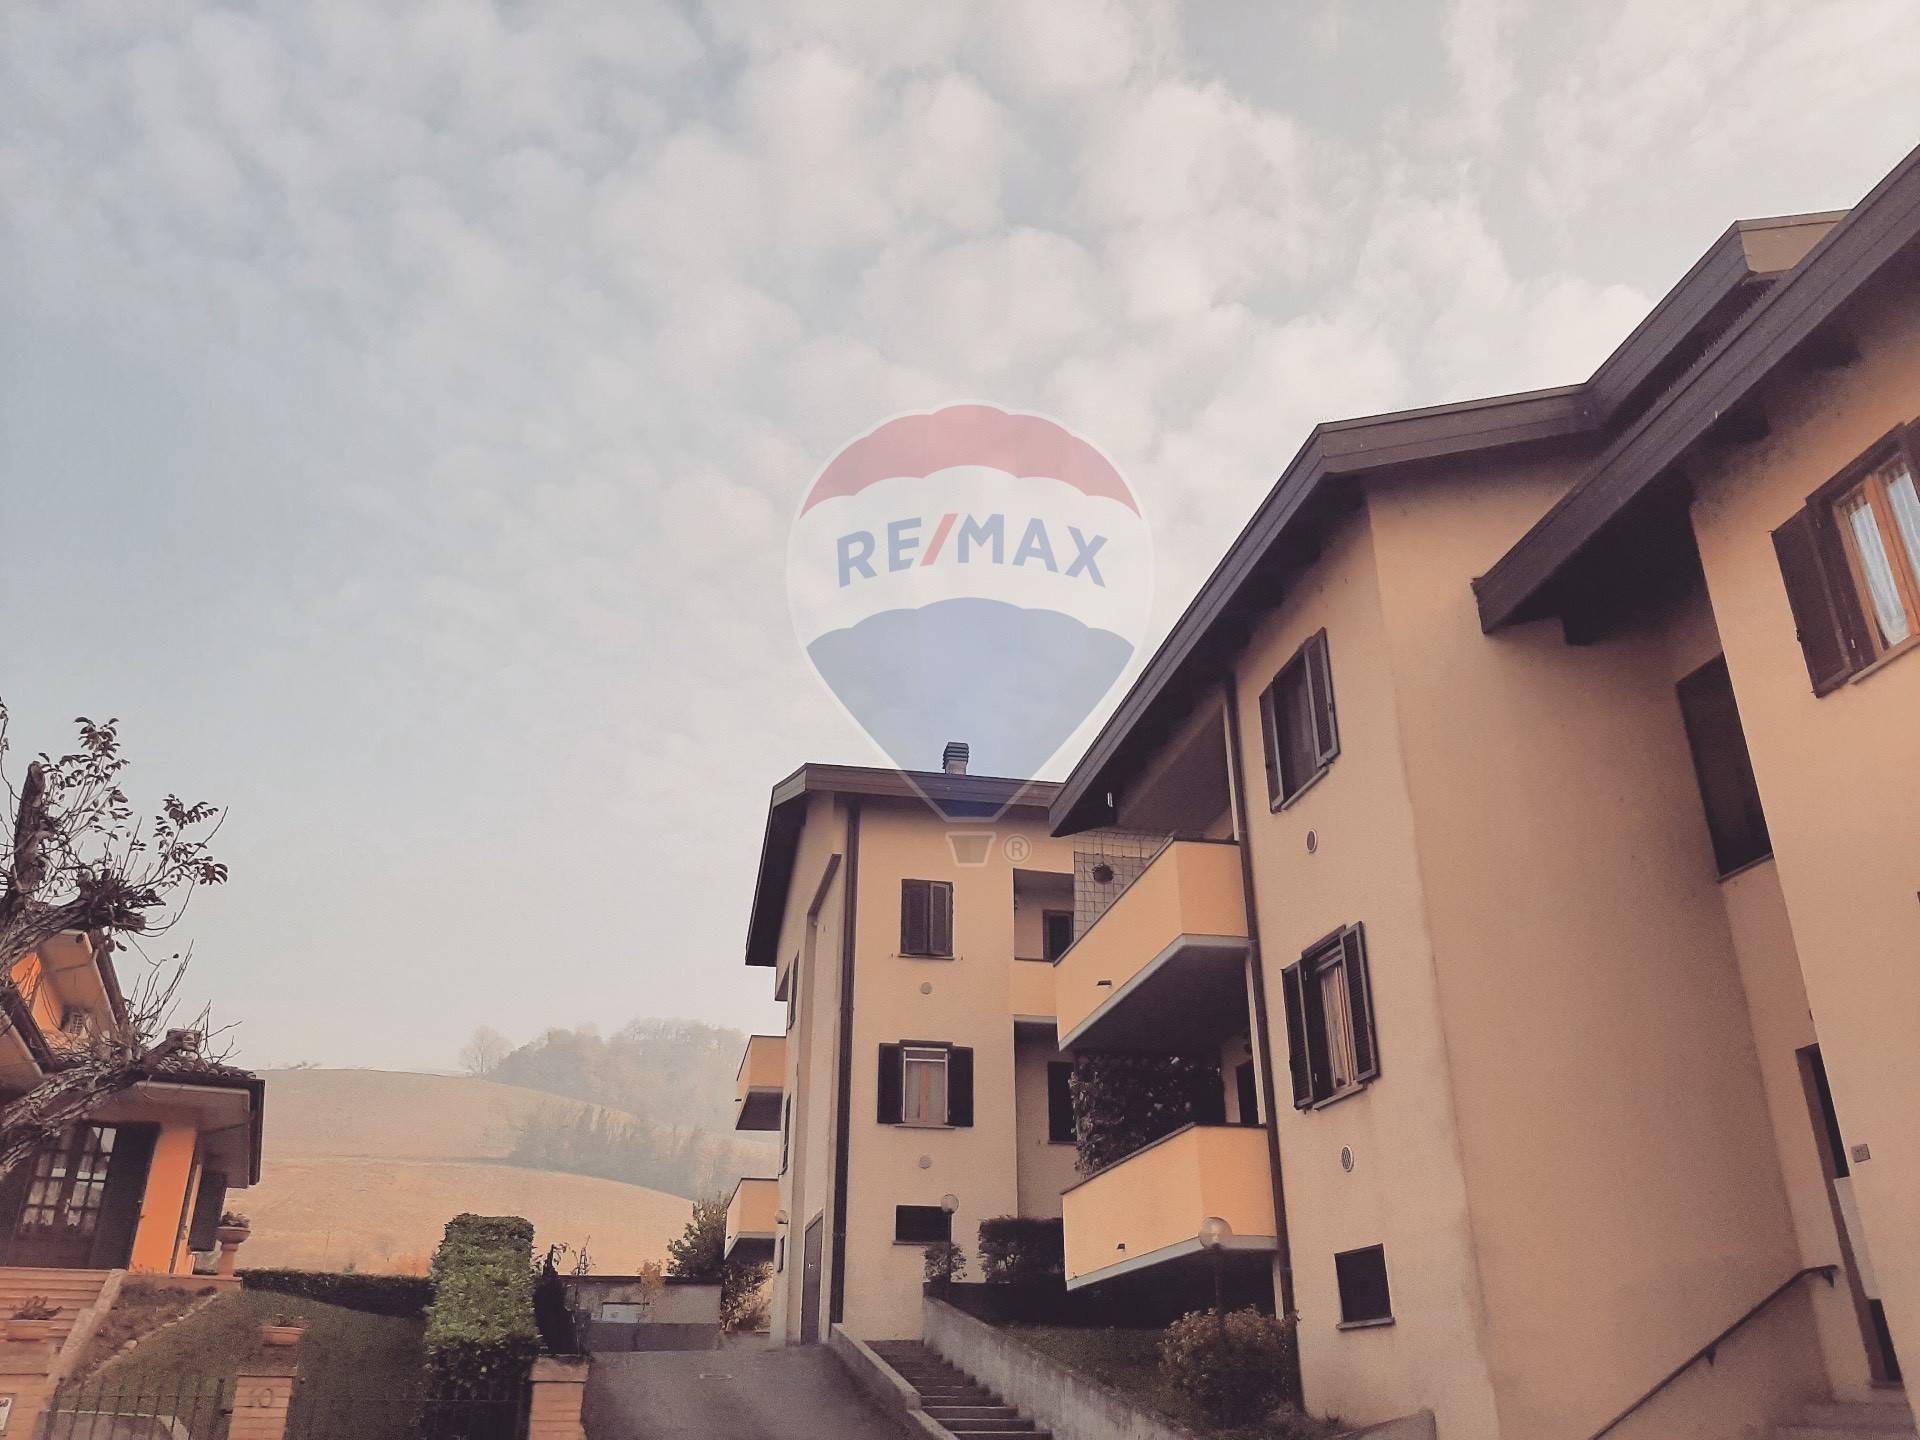 Appartamento in vendita a Collecchio, 3 locali, zona Zona: Gaiano, prezzo € 175.000 | CambioCasa.it